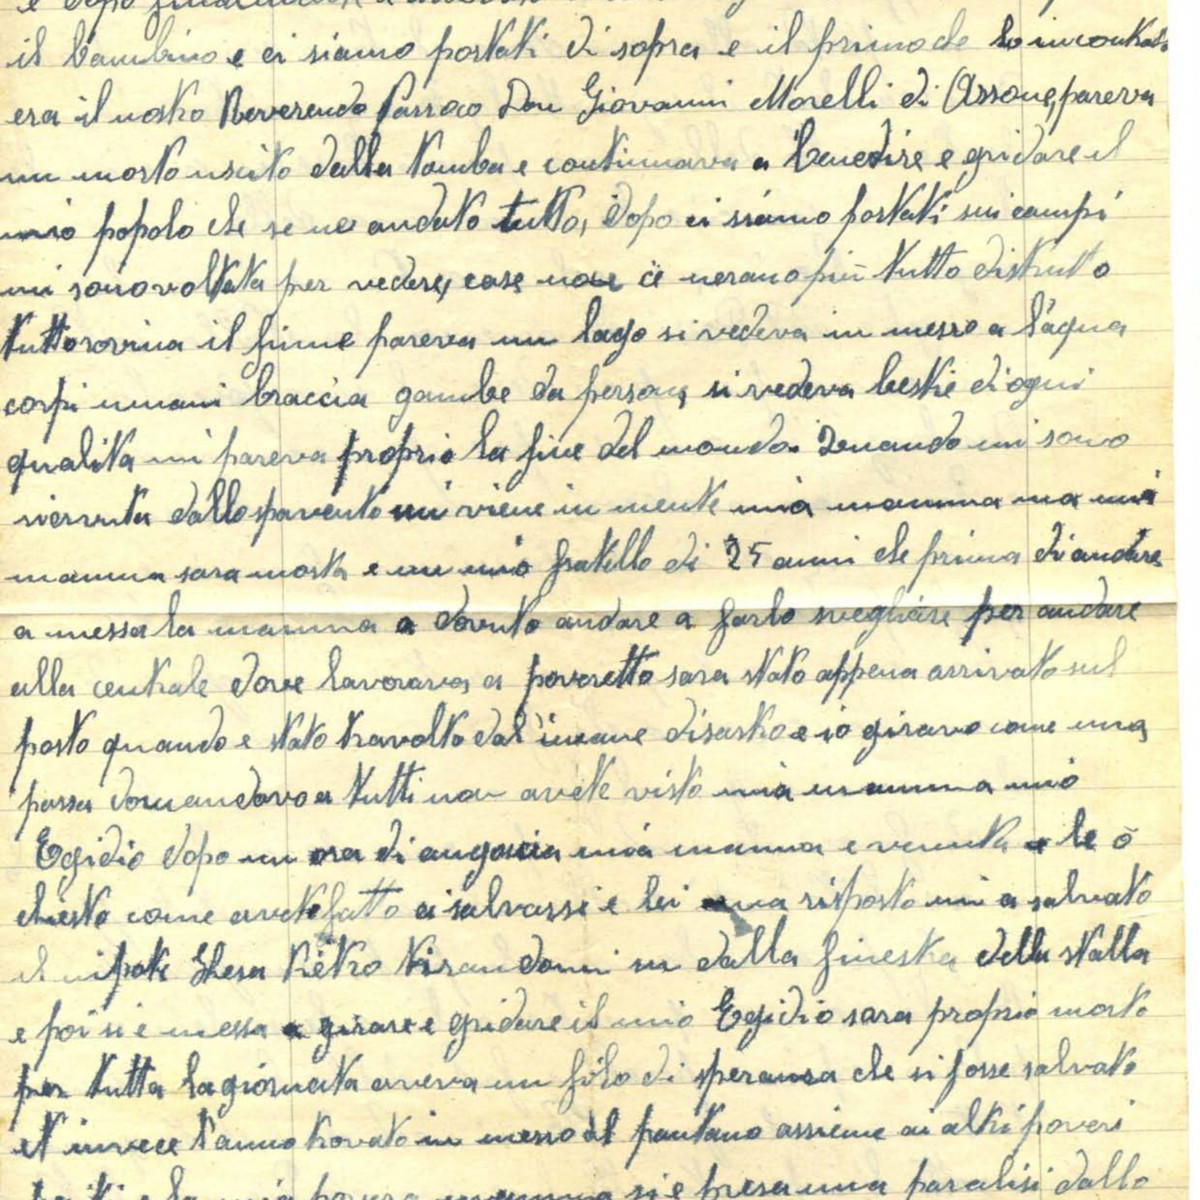 Lettera di Maria Ghesa_02